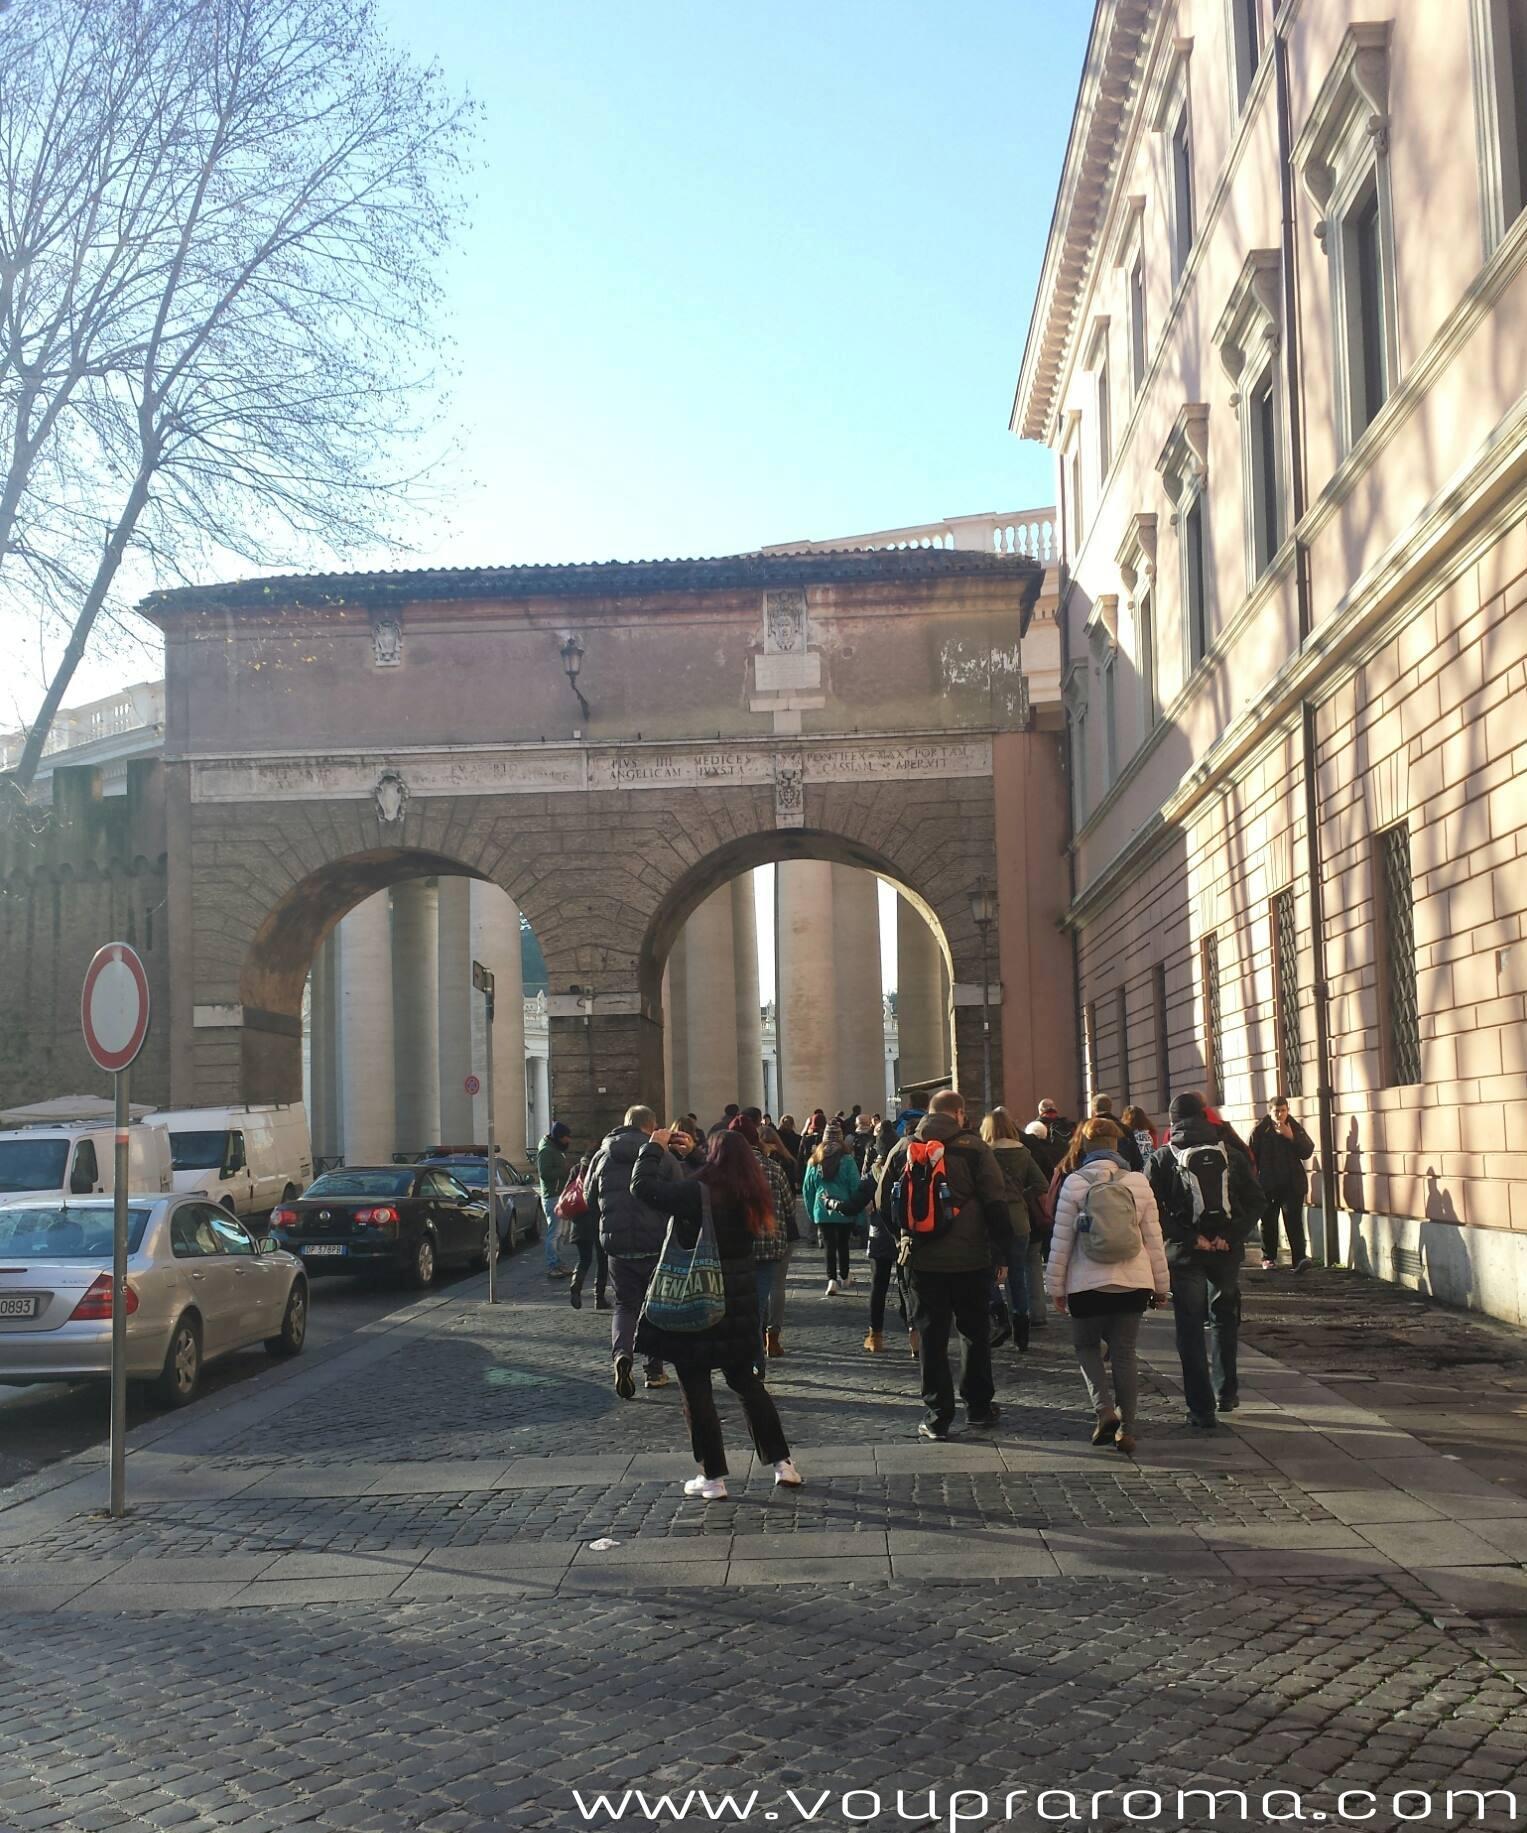 PORTA ANGÉLICA - BASÍLICA DE SÃO PEDRO - Blog Vou´pra Roma